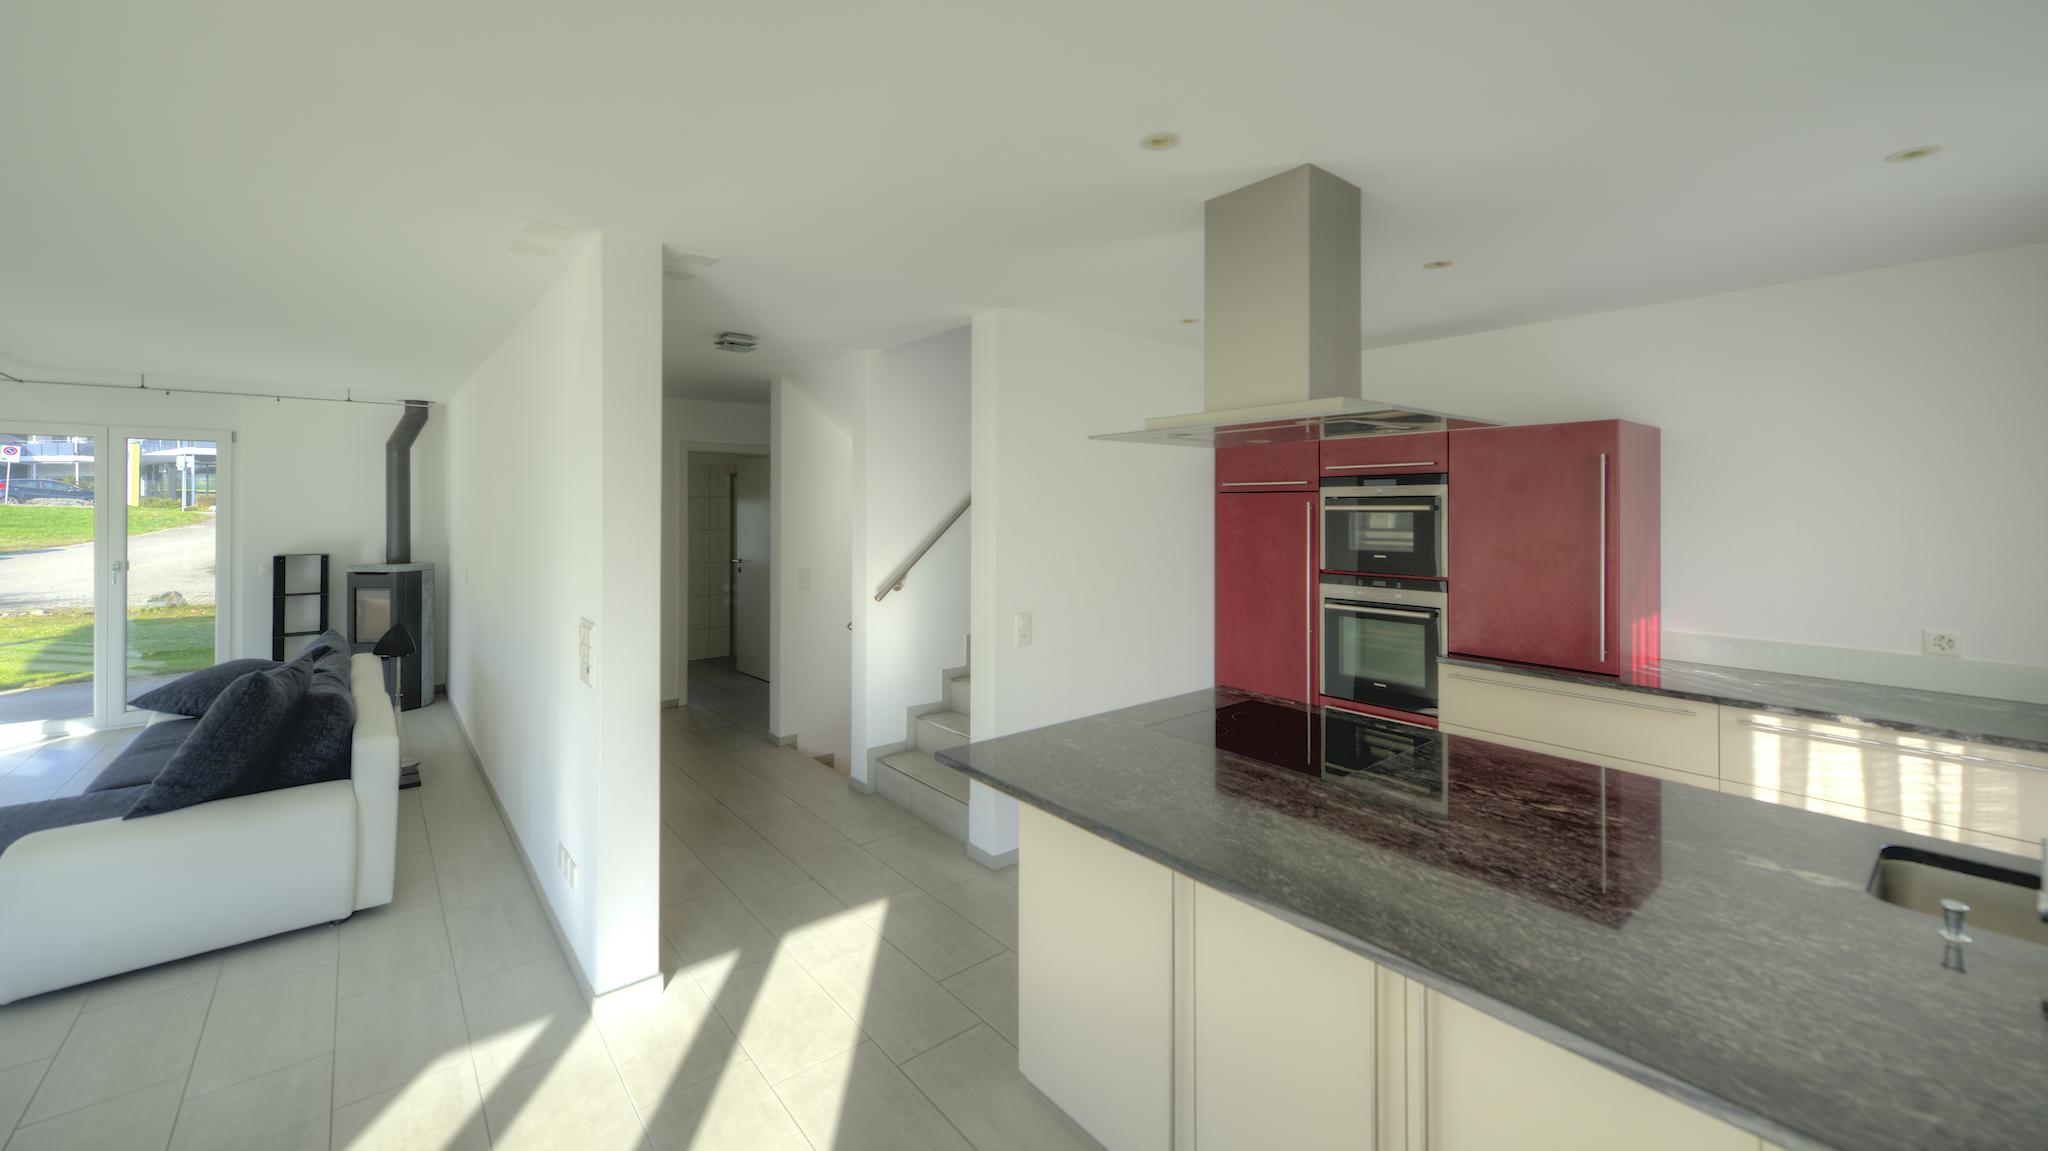 Küche mit dem Treppenhaus und dem Wonbereich